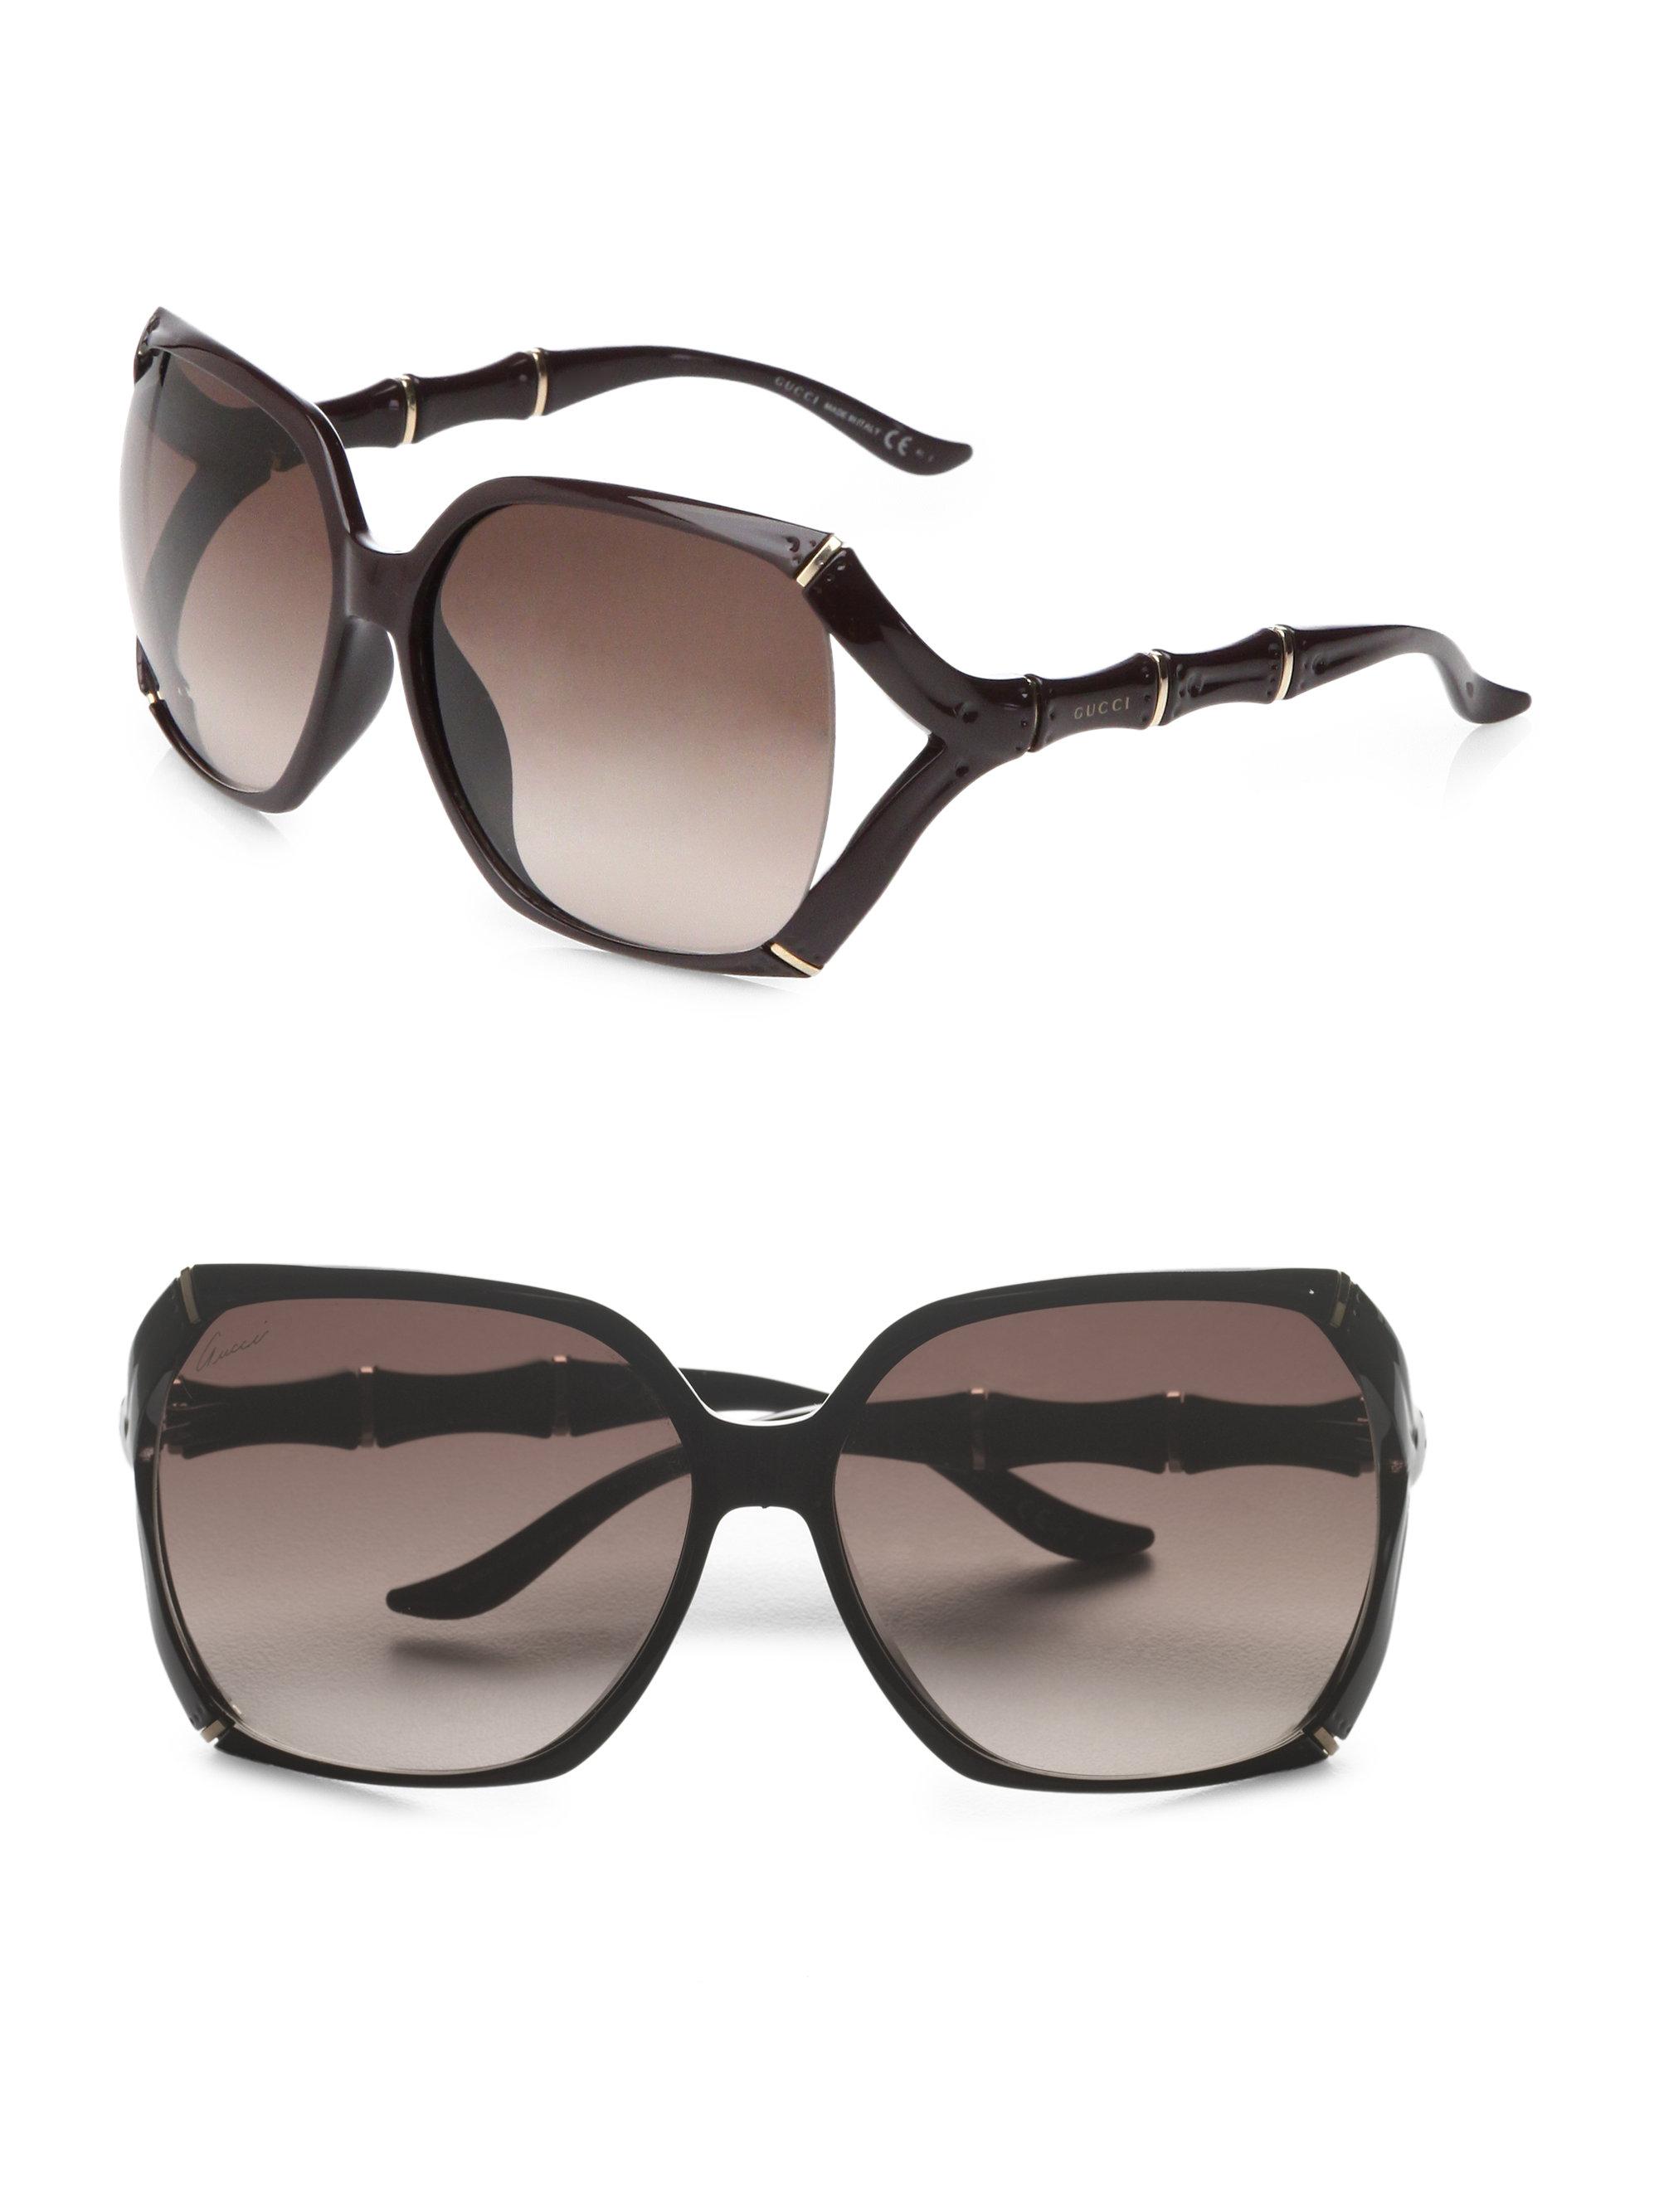 07be21f1b5a Lyst - Gucci Square Bamboo-trim Sunglasses in Black